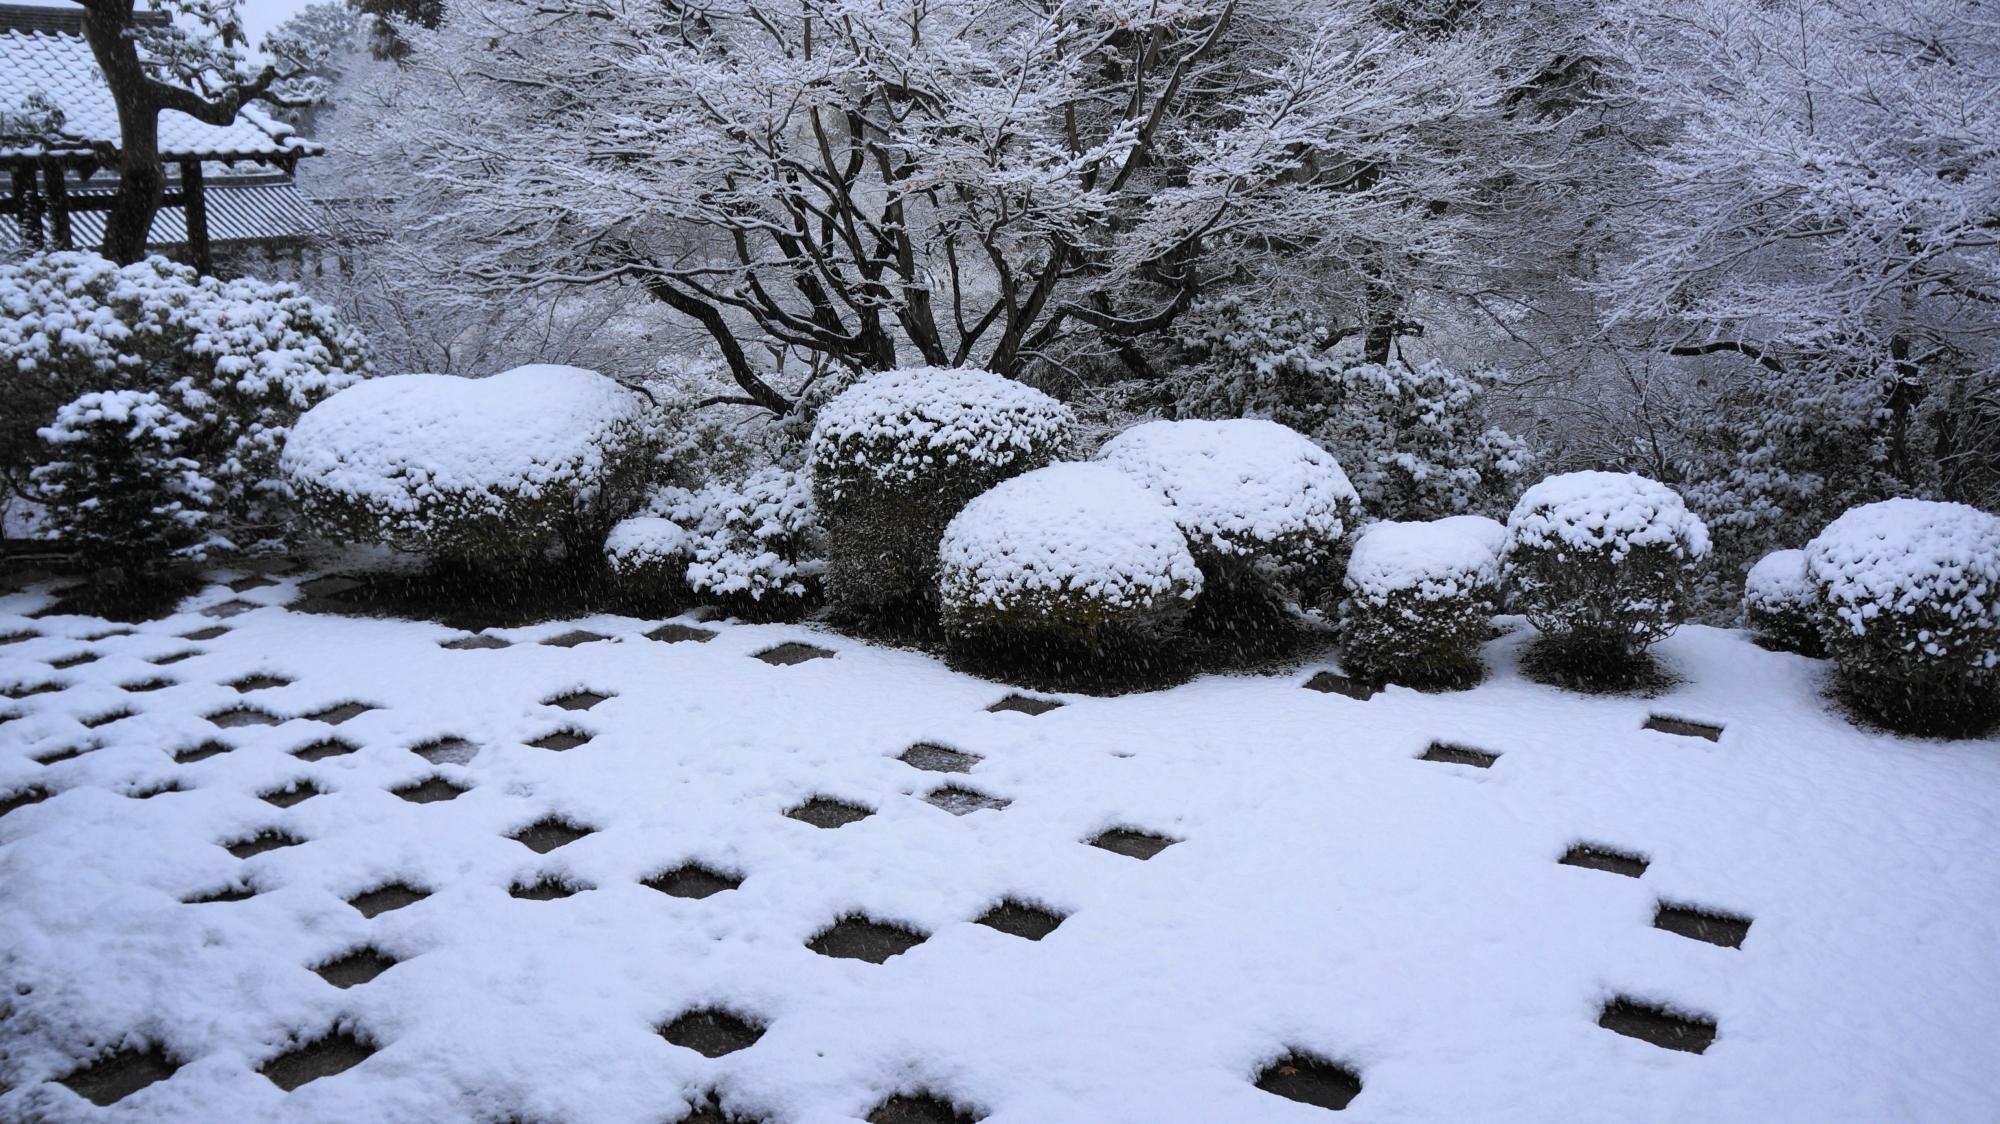 東福寺の市松模様(チェック柄)の苔の庭園